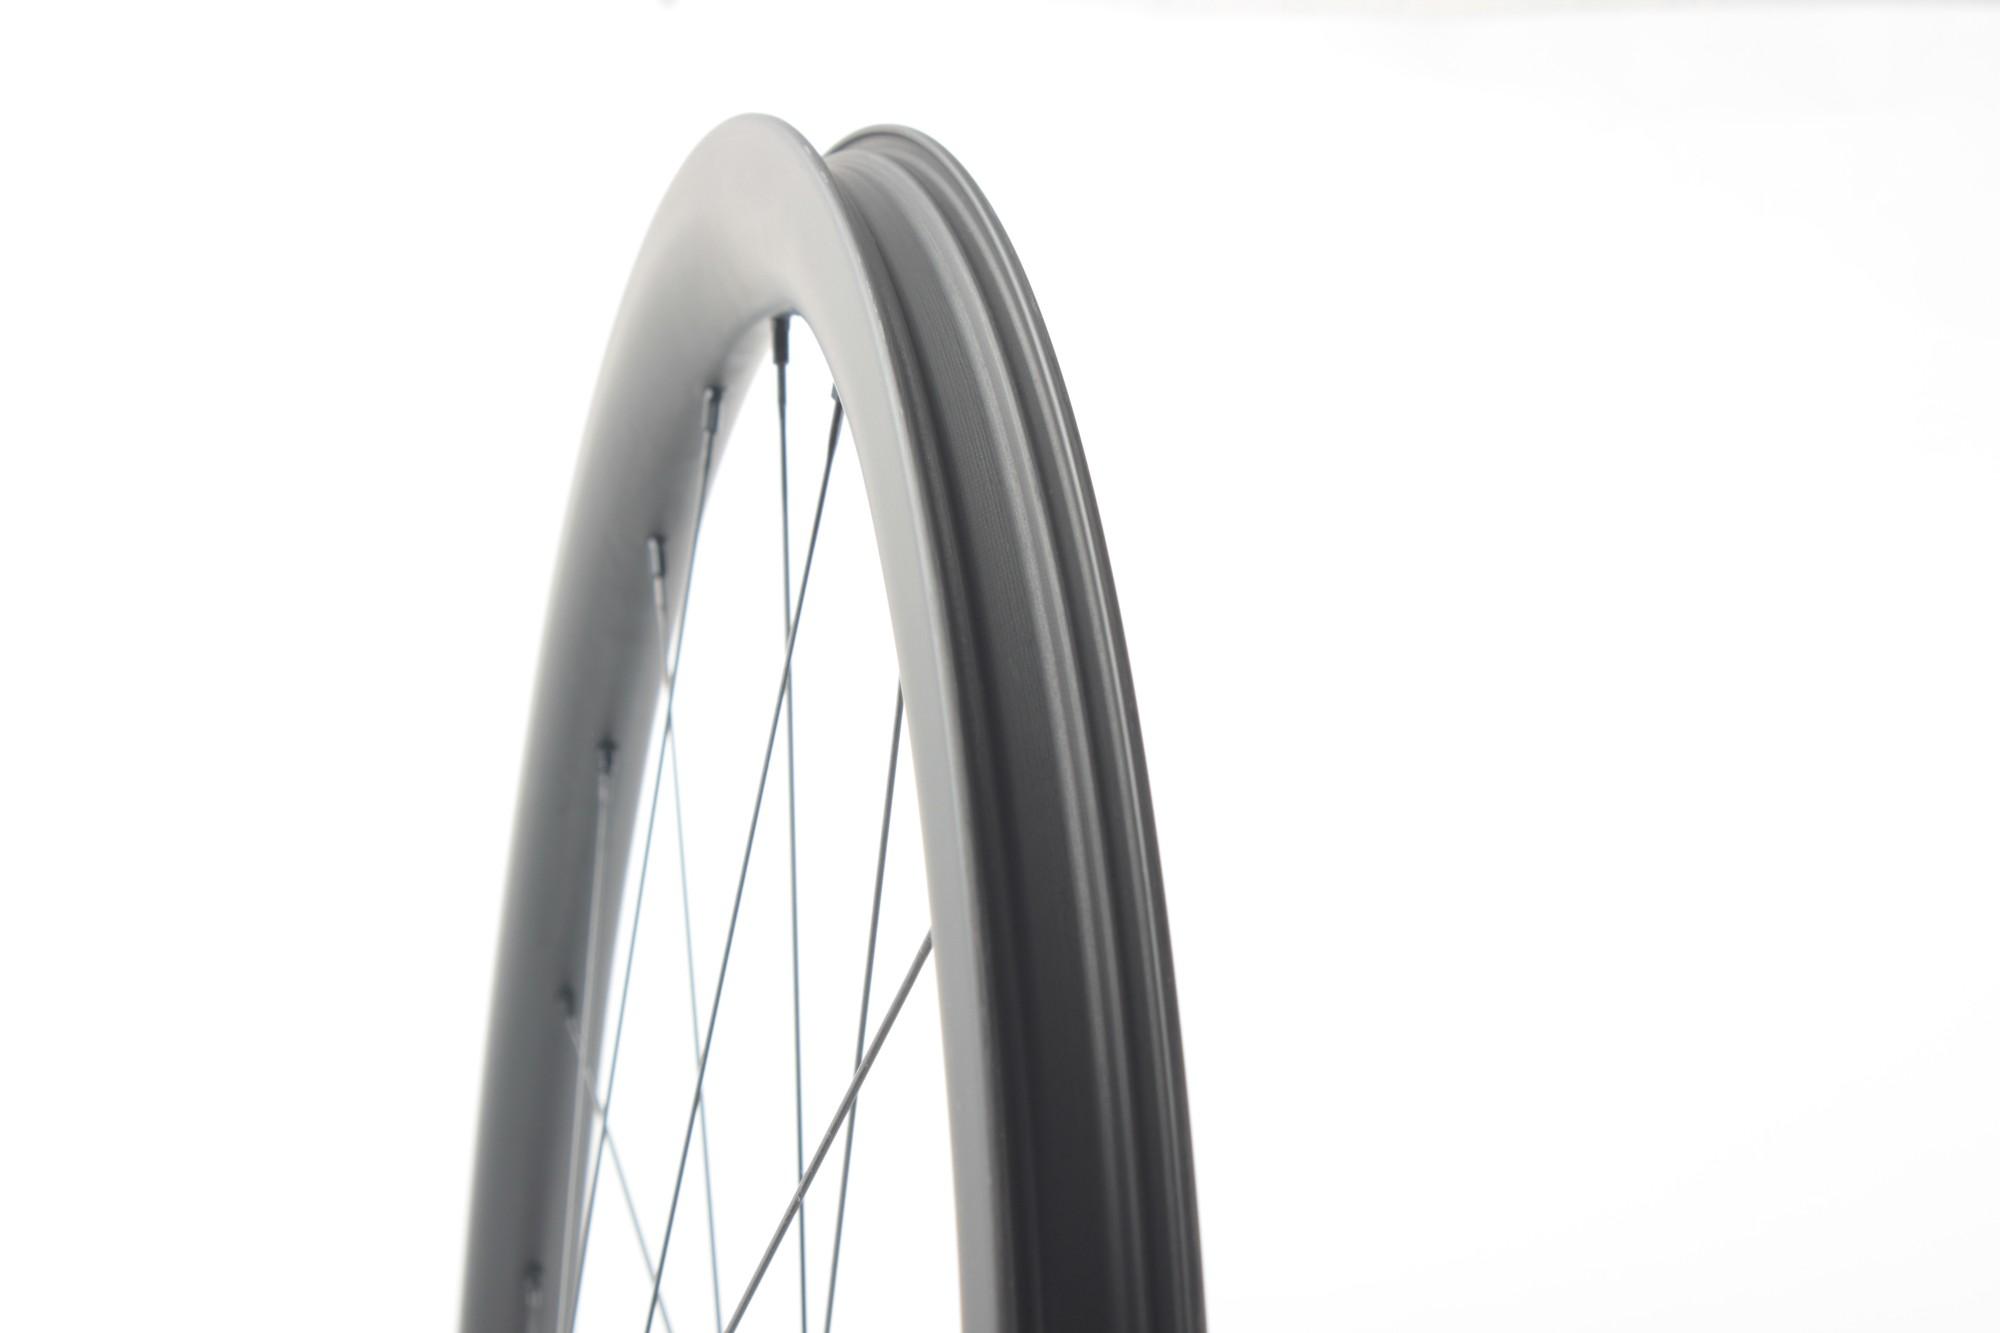 China Straßenräder Kohlenstoff 700c handgefertigter Rennrad-Radsatz Manufacturers, China Straßenräder Kohlenstoff 700c handgefertigter Rennrad-Radsatz Factory, Supply China Straßenräder Kohlenstoff 700c handgefertigter Rennrad-Radsatz